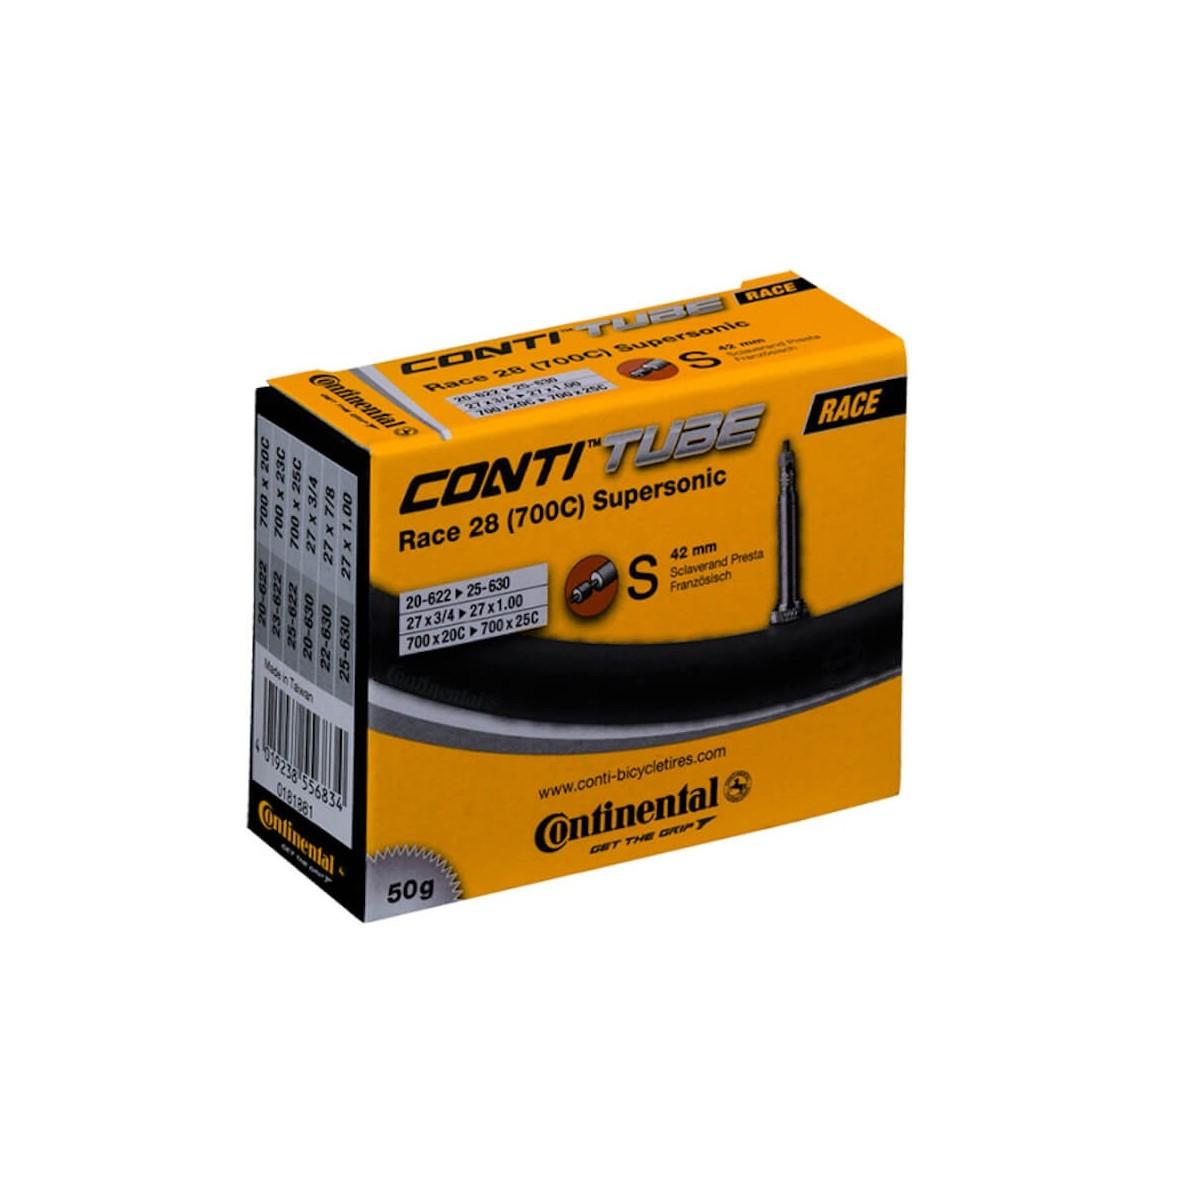 Conti Race 28 Supersonic CO0181891